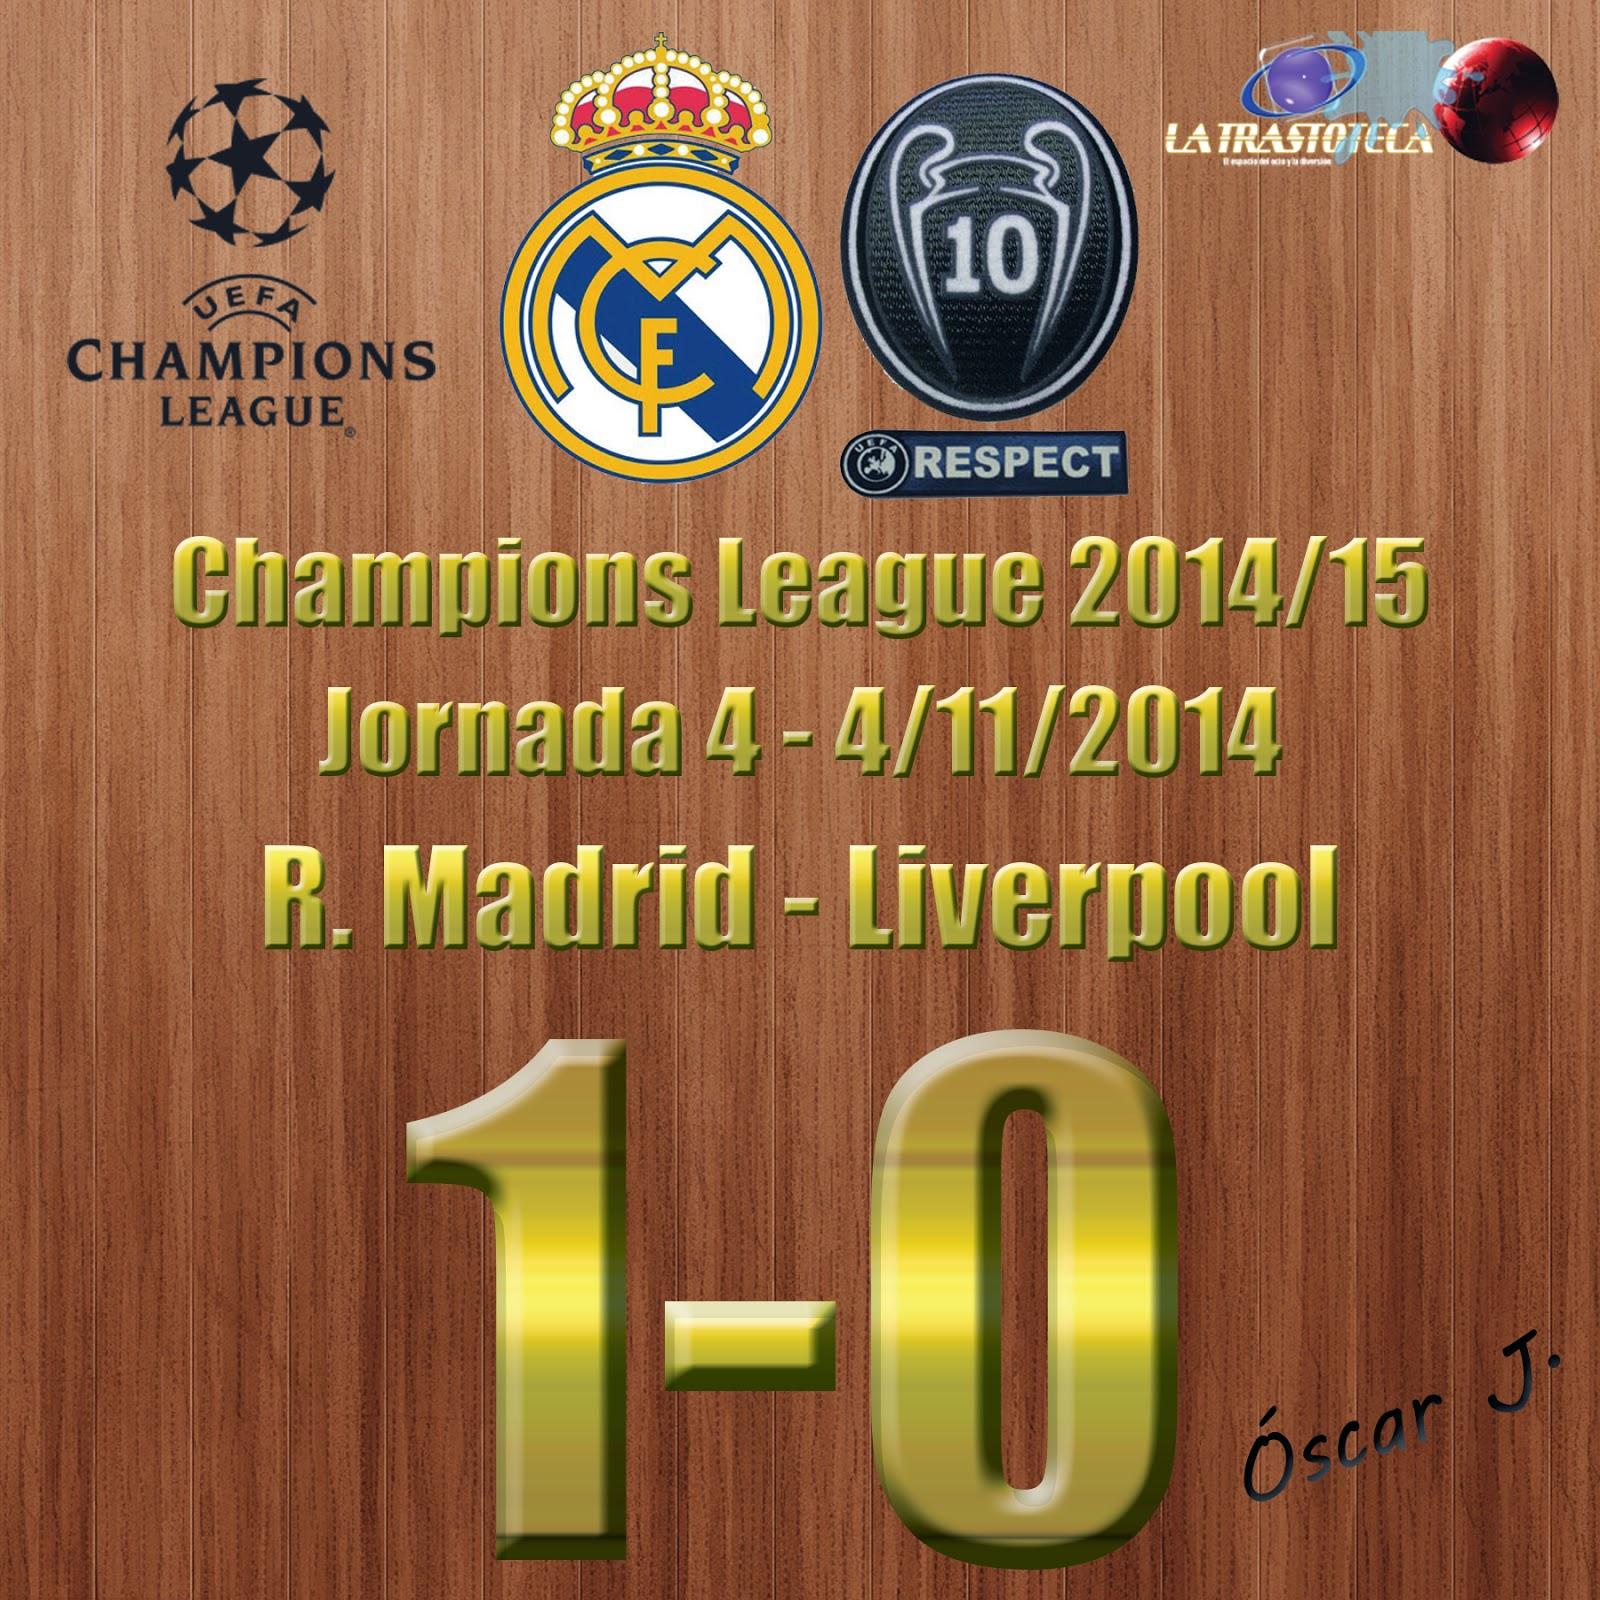 Real Madrid 1-0 Liverpool - Champions League 2014/15 - (4/11/2014). El Real Madrid clasificado matemáticamente para octavos